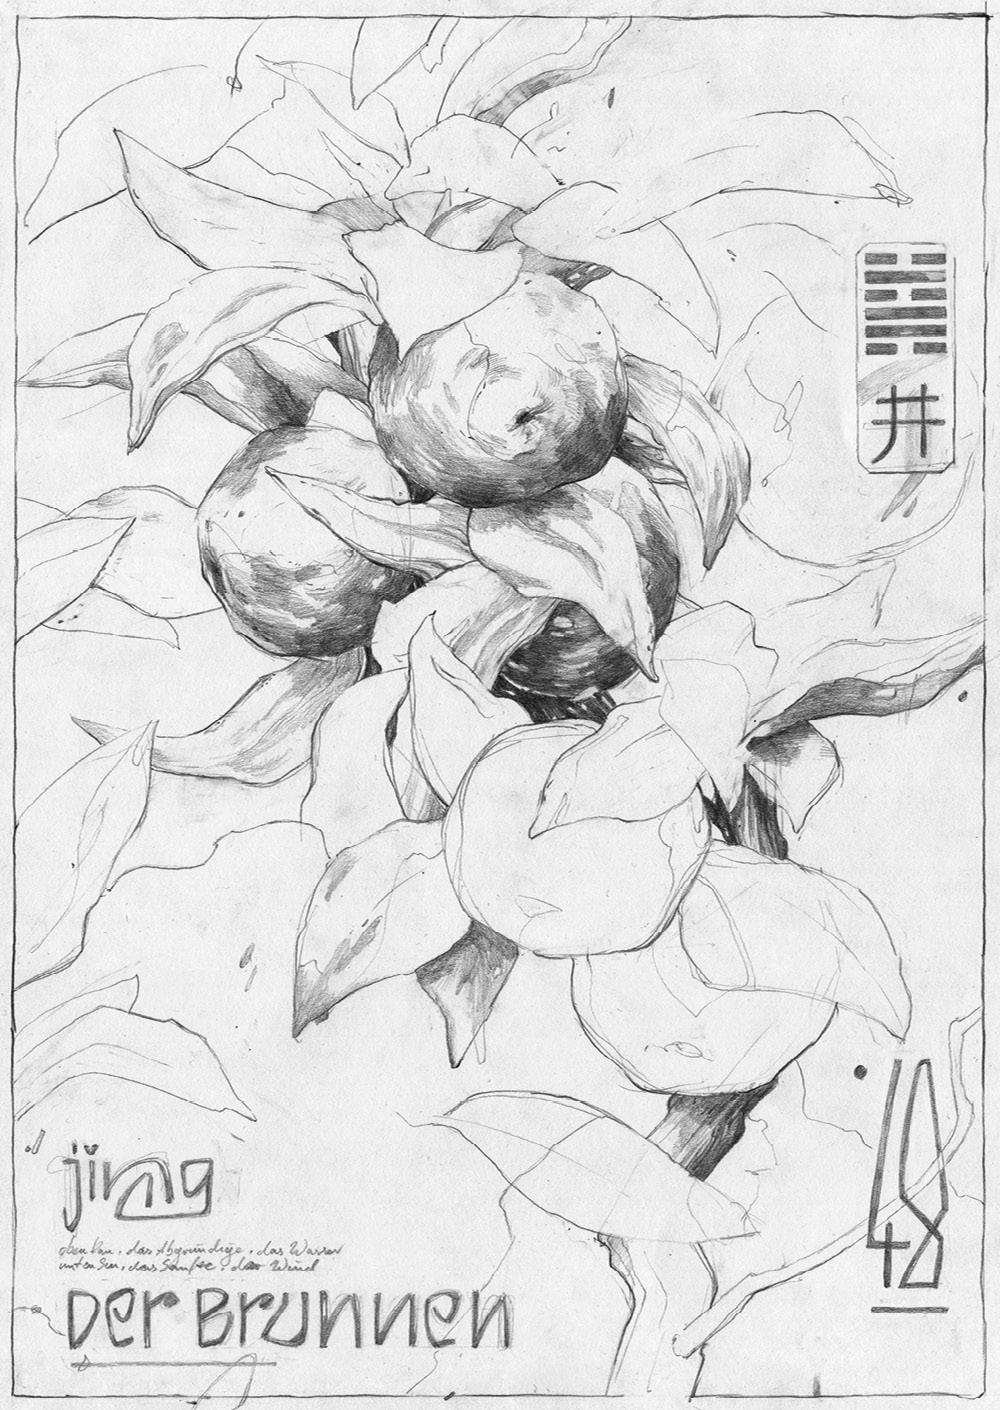 The Yijing12